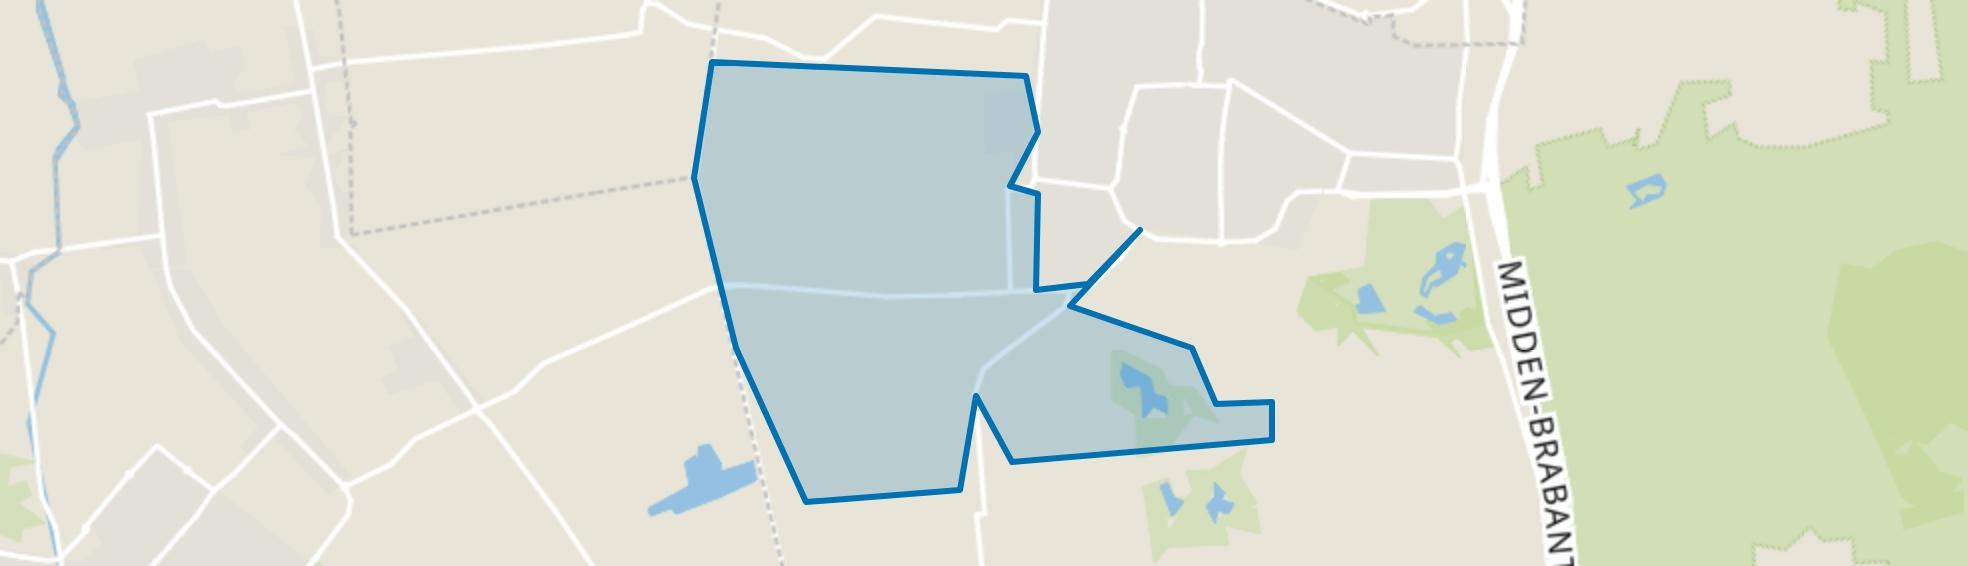 De Baan, Kaatsheuvel map